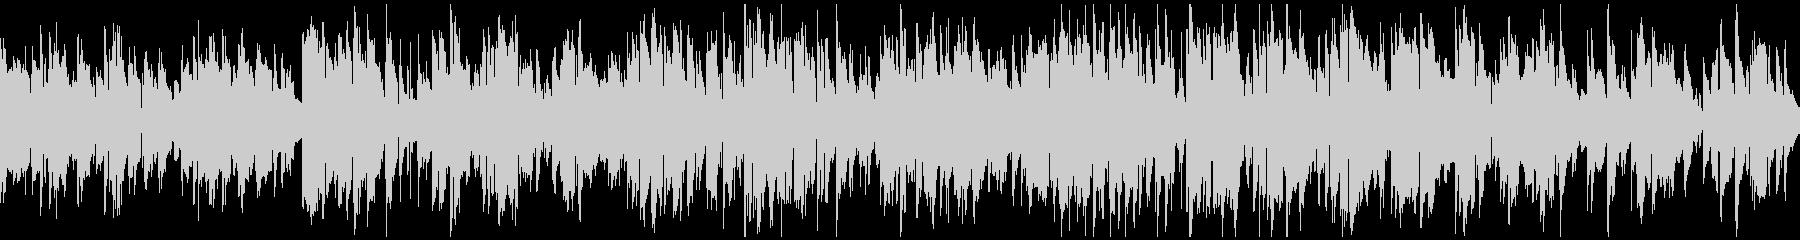 ゆったりジャズサックス ※ループ仕様版の未再生の波形